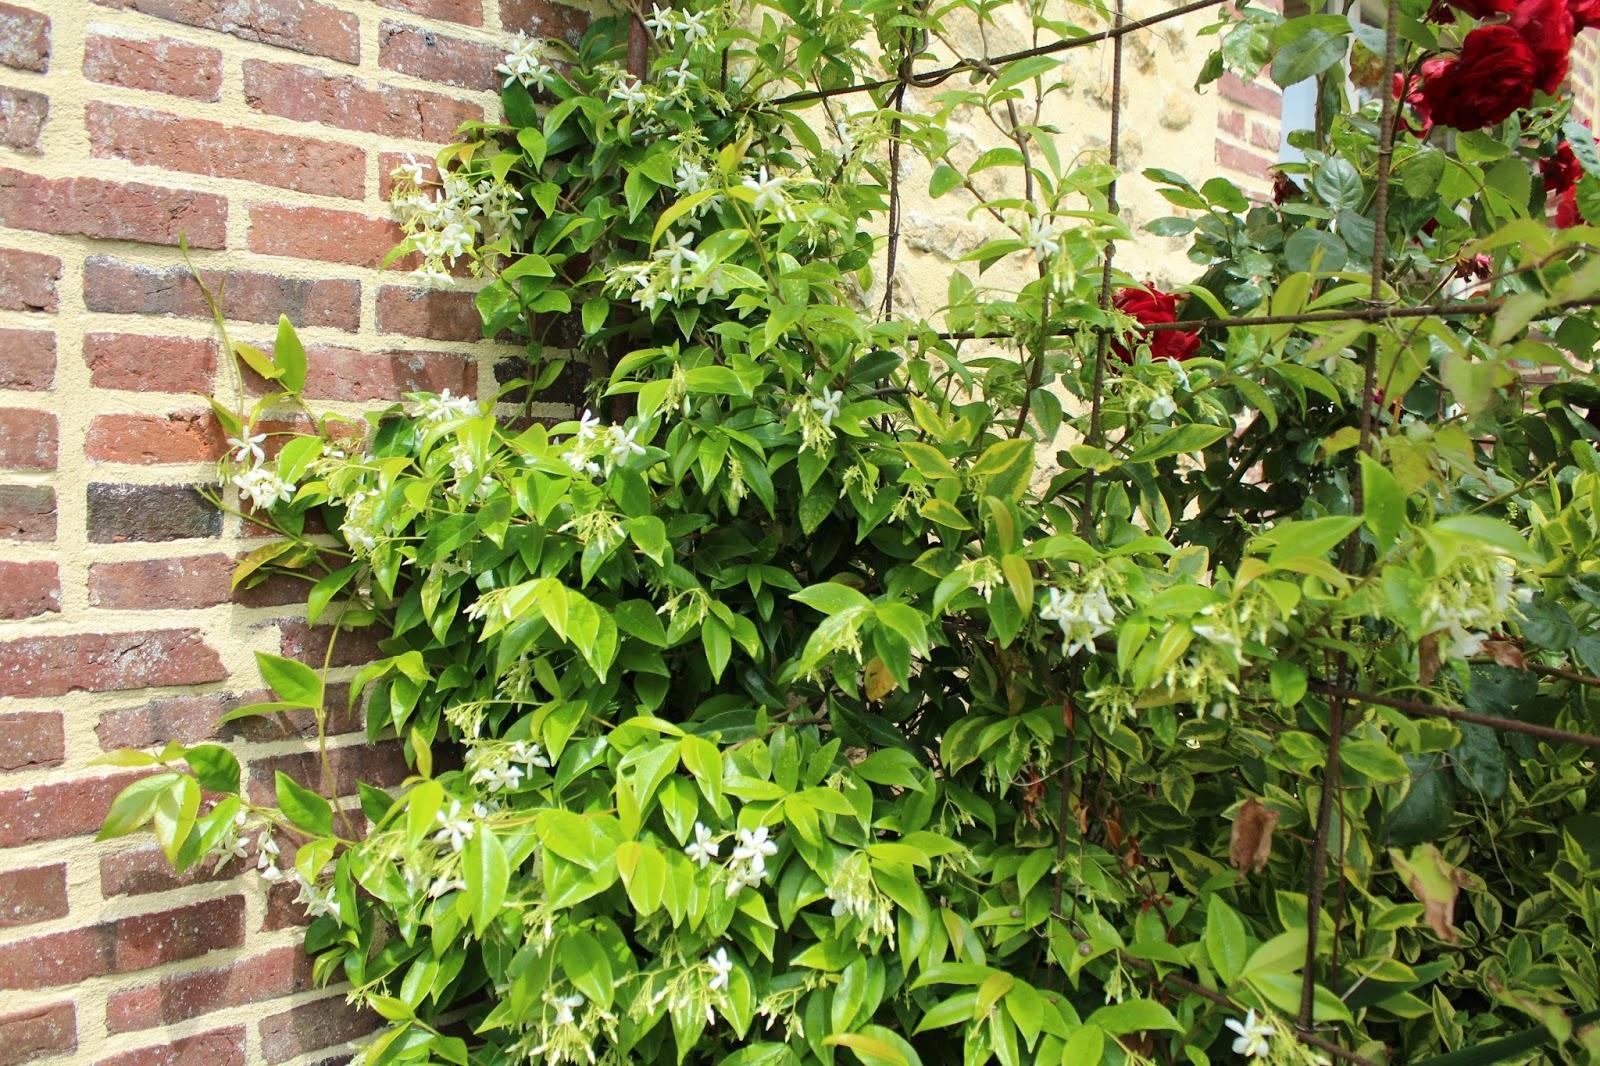 Chambres d 39 h tes au jardin des violettes juin 2015 - Jasmin de virginie etoile ...